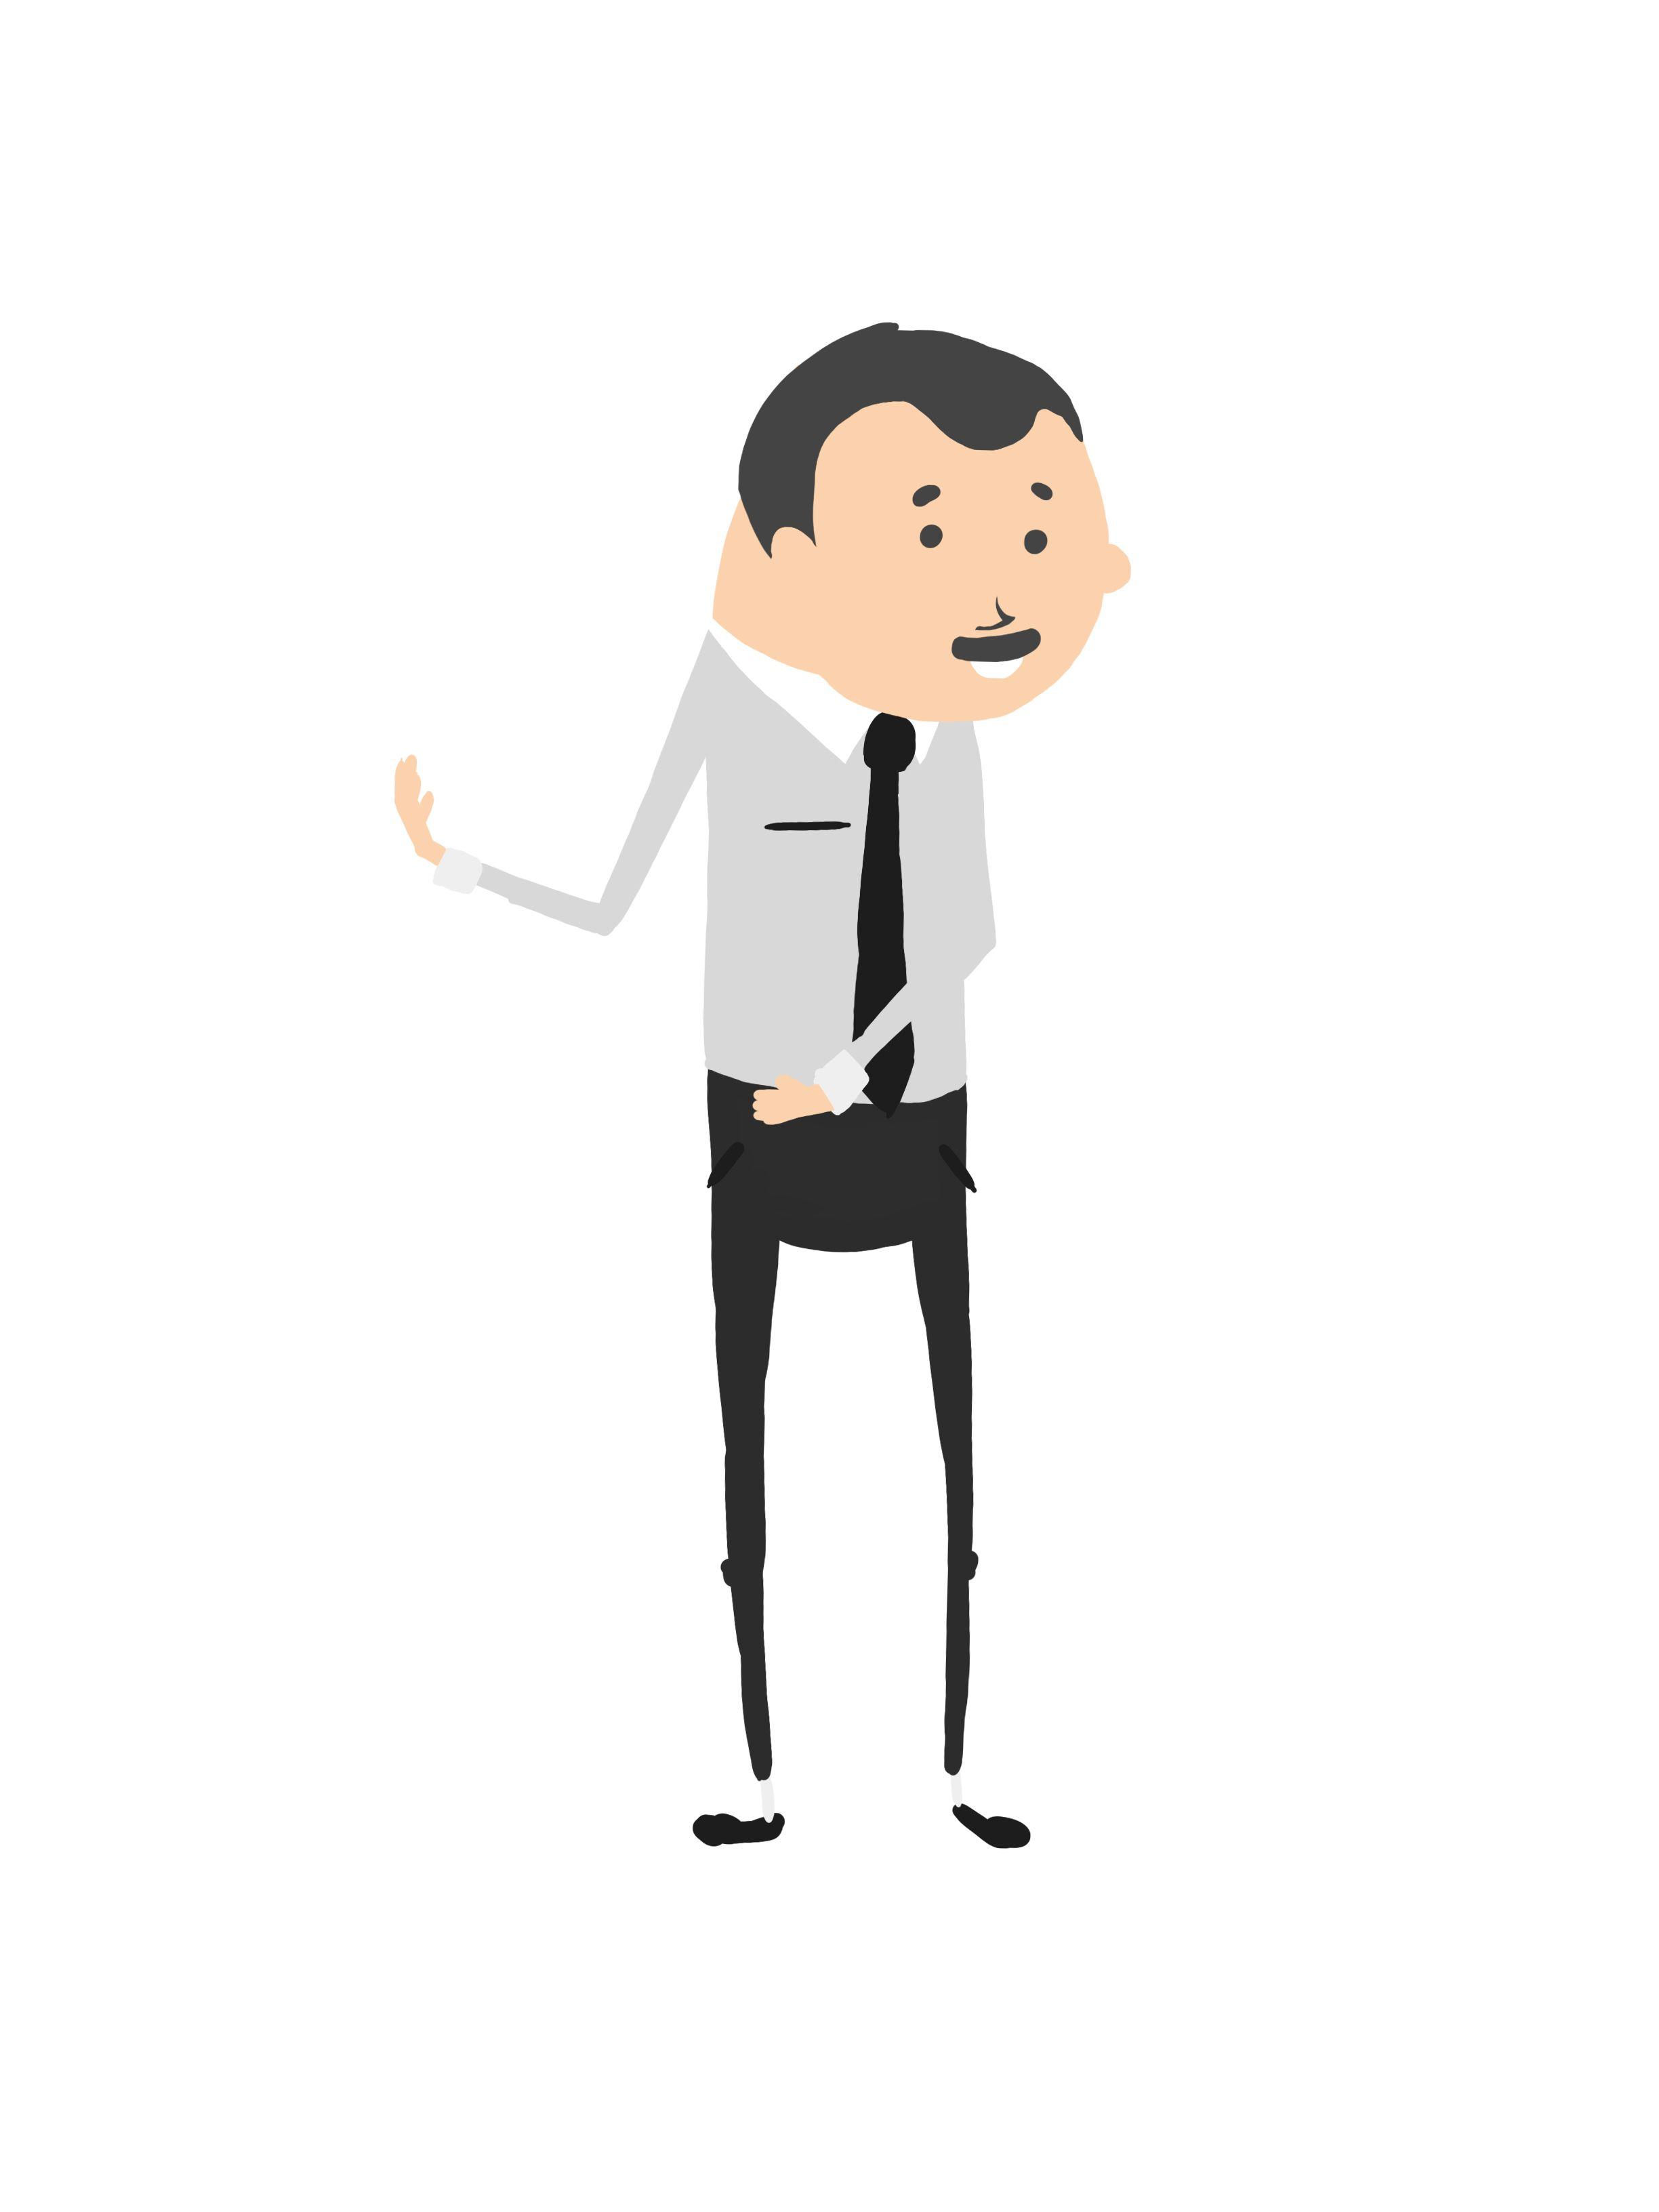 Una película de animación para Presstalis y su aplicación para móviles Zeens. Diseño de personajes y animación de Oliver Añón. Producción: Streetpress Cliente: Presstalis